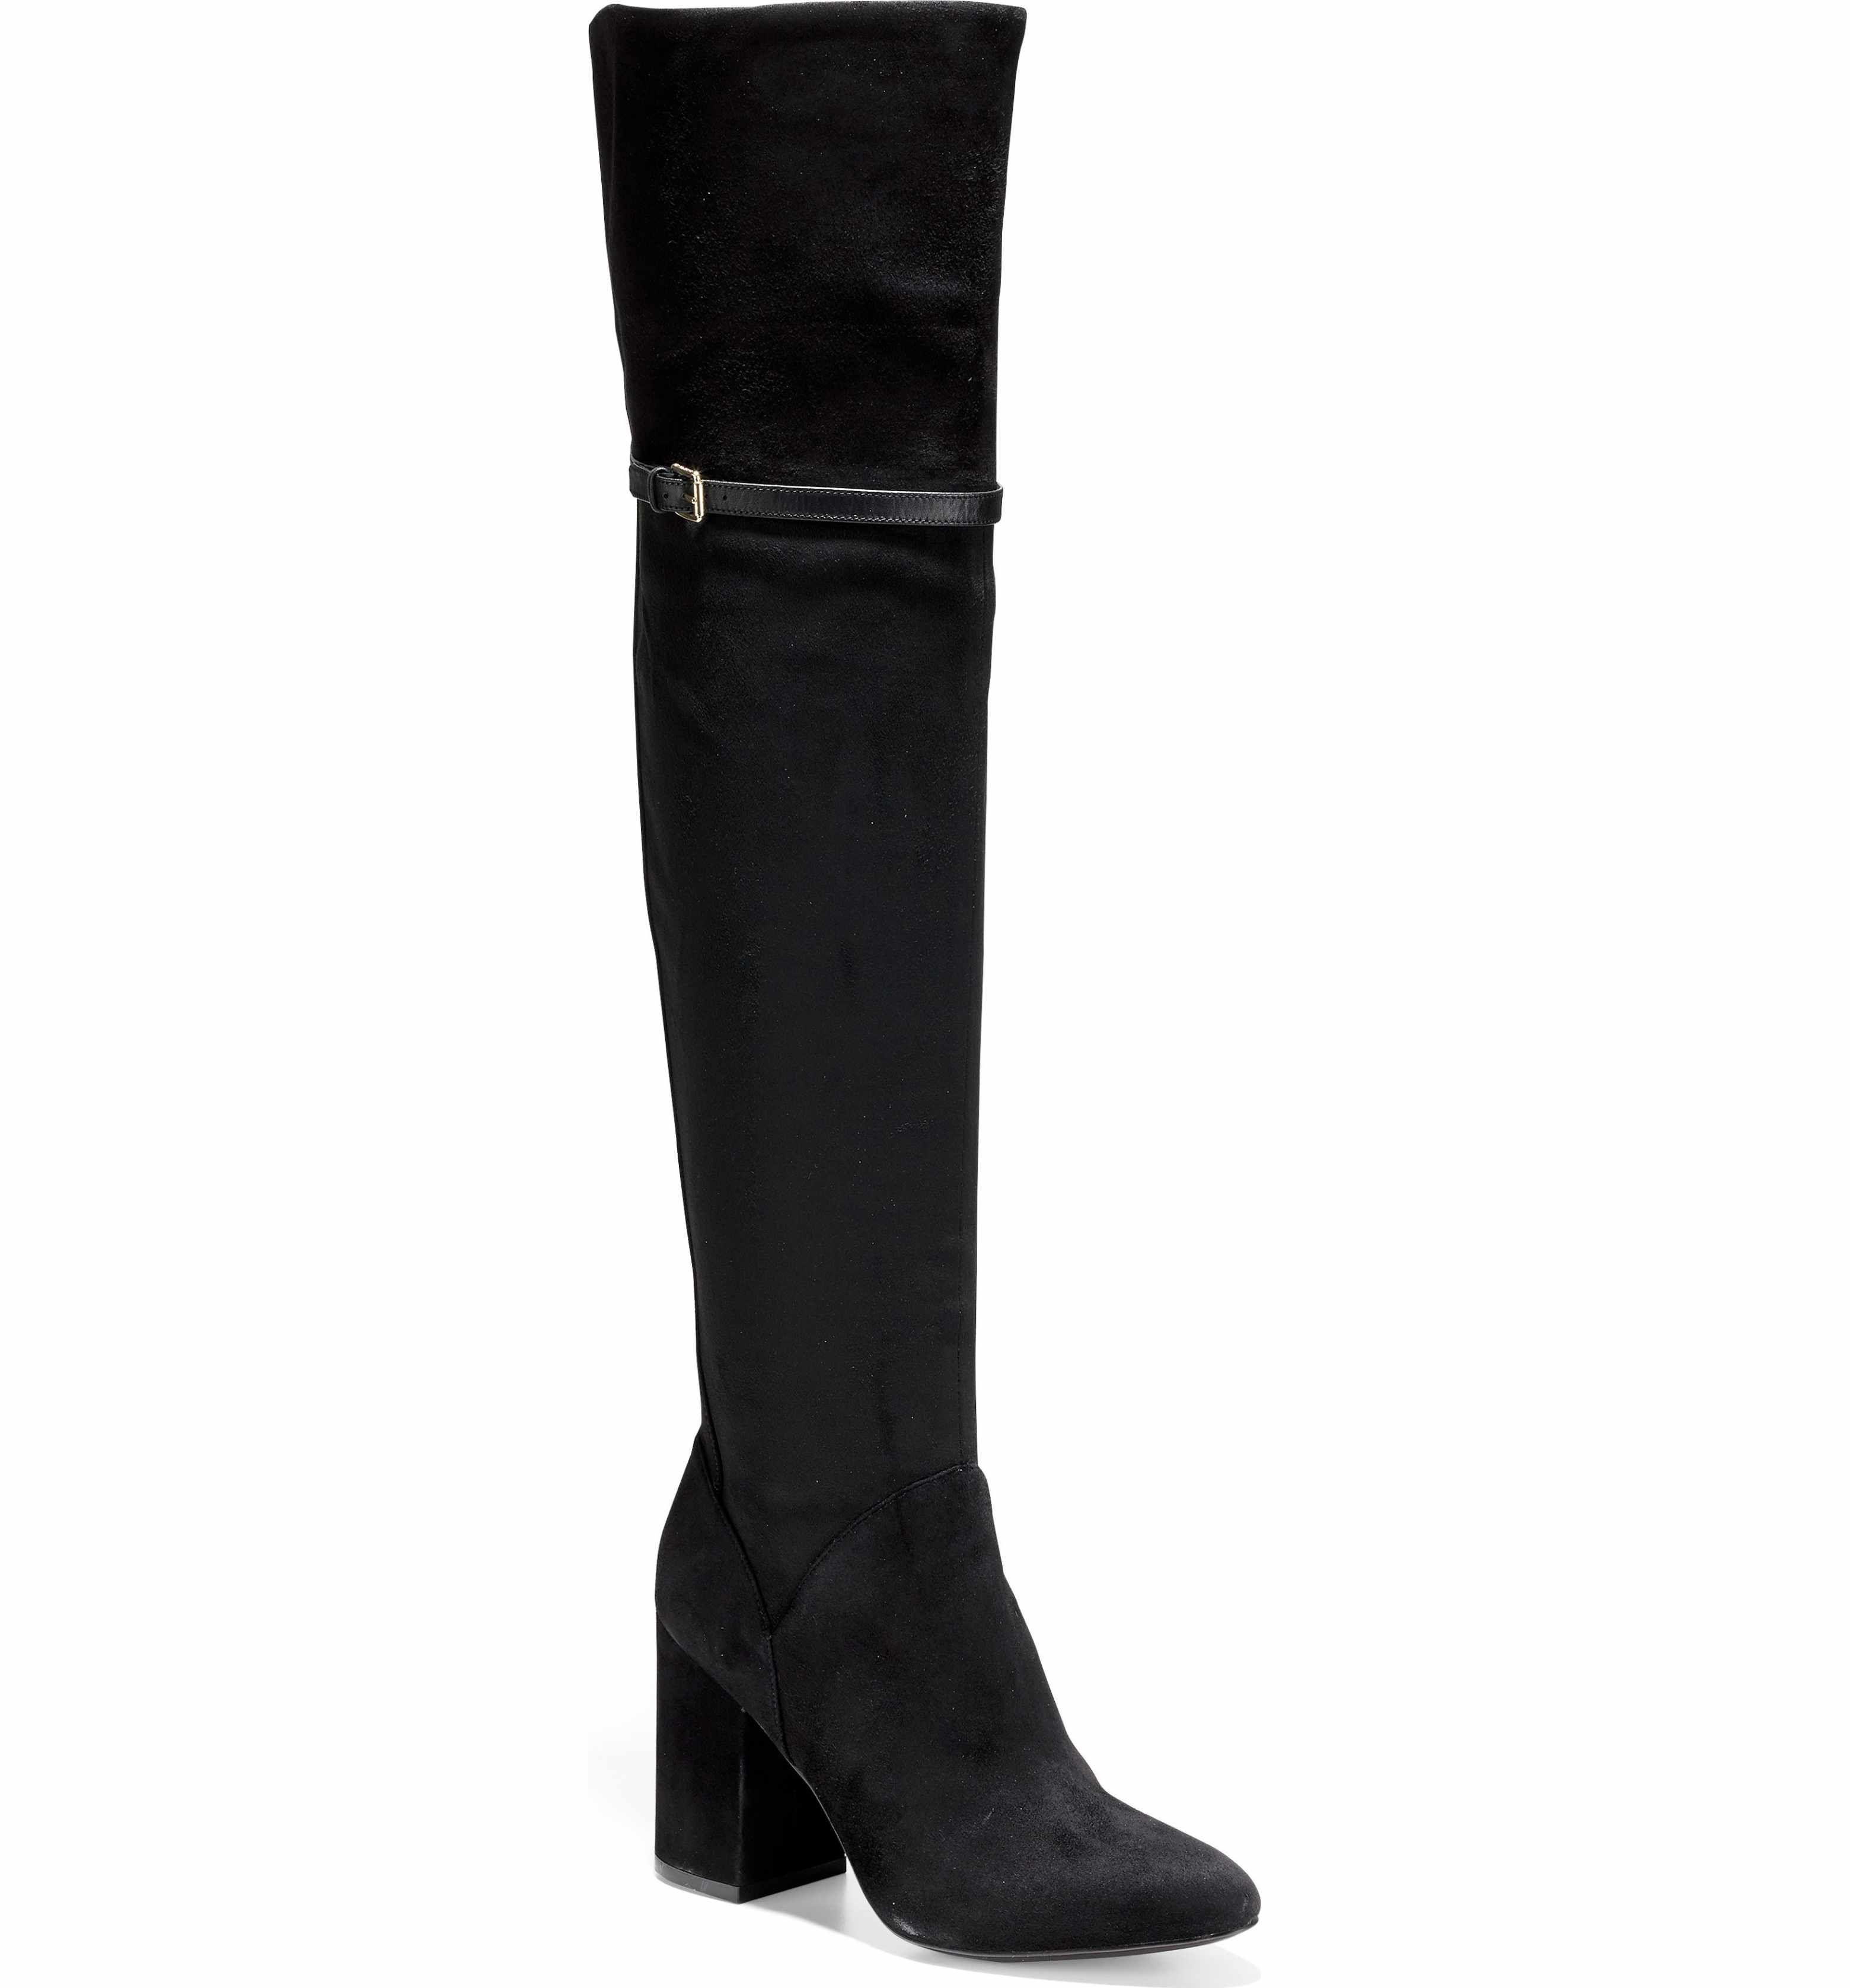 00df136475b Main Image - Cole Haan Darcia Over the Knee Boot (Women)